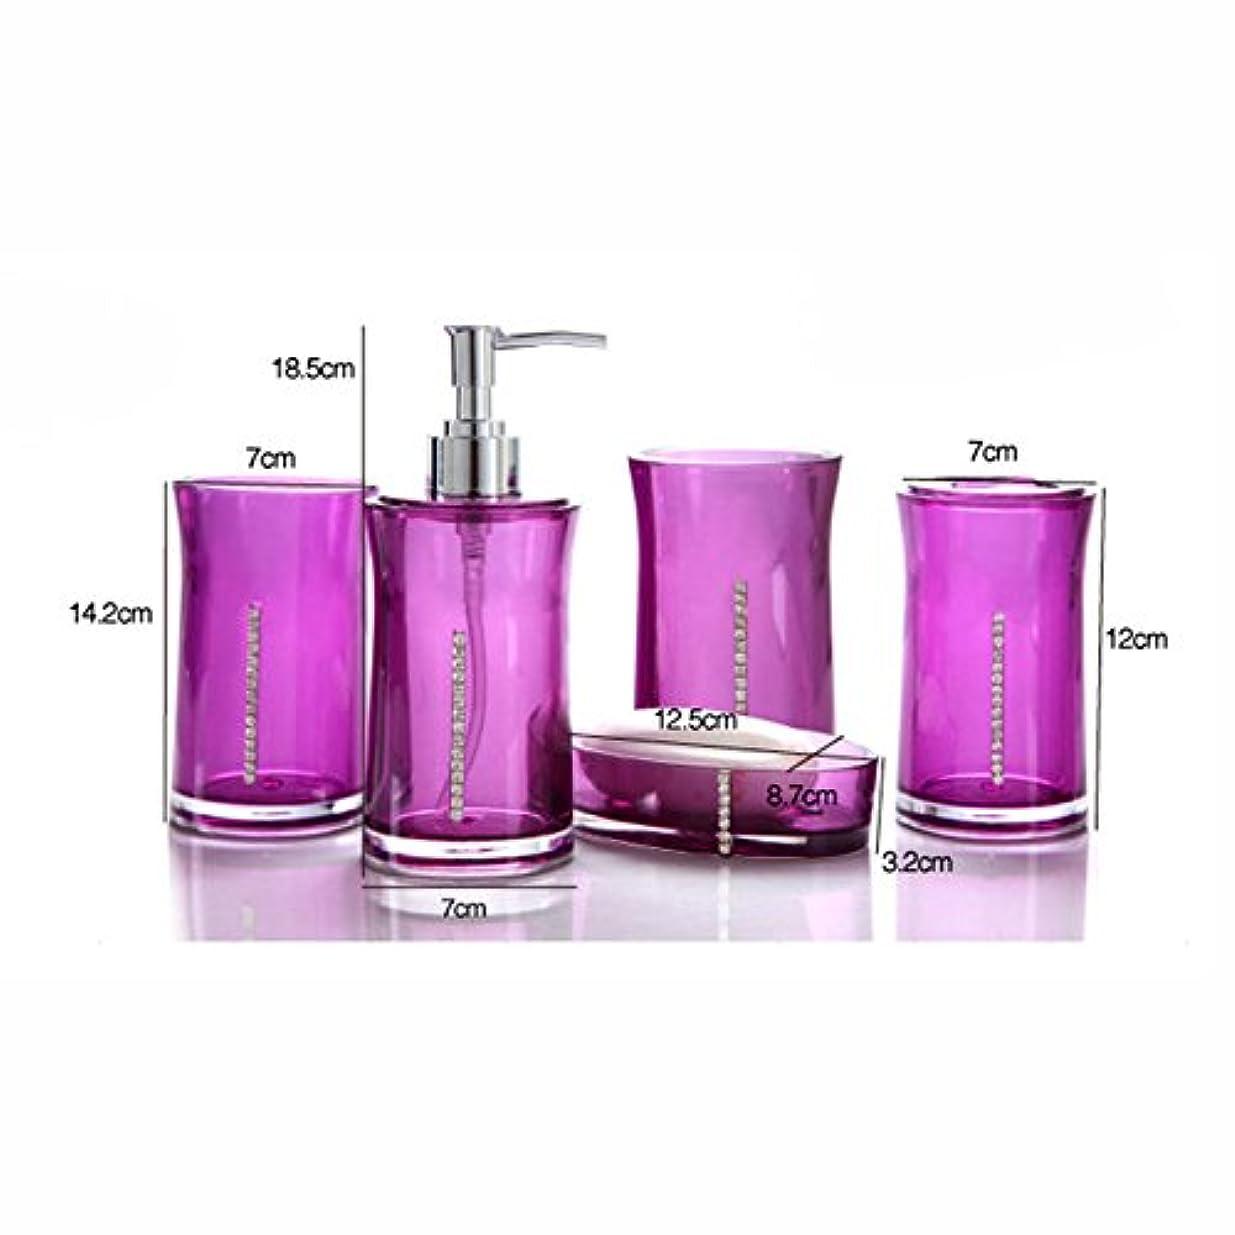 コカイン省略するドレスxlp シャワージェルアクリルボトル、キッチンバス用シャンプー液体石鹸ディスペンサーボトル (紫)